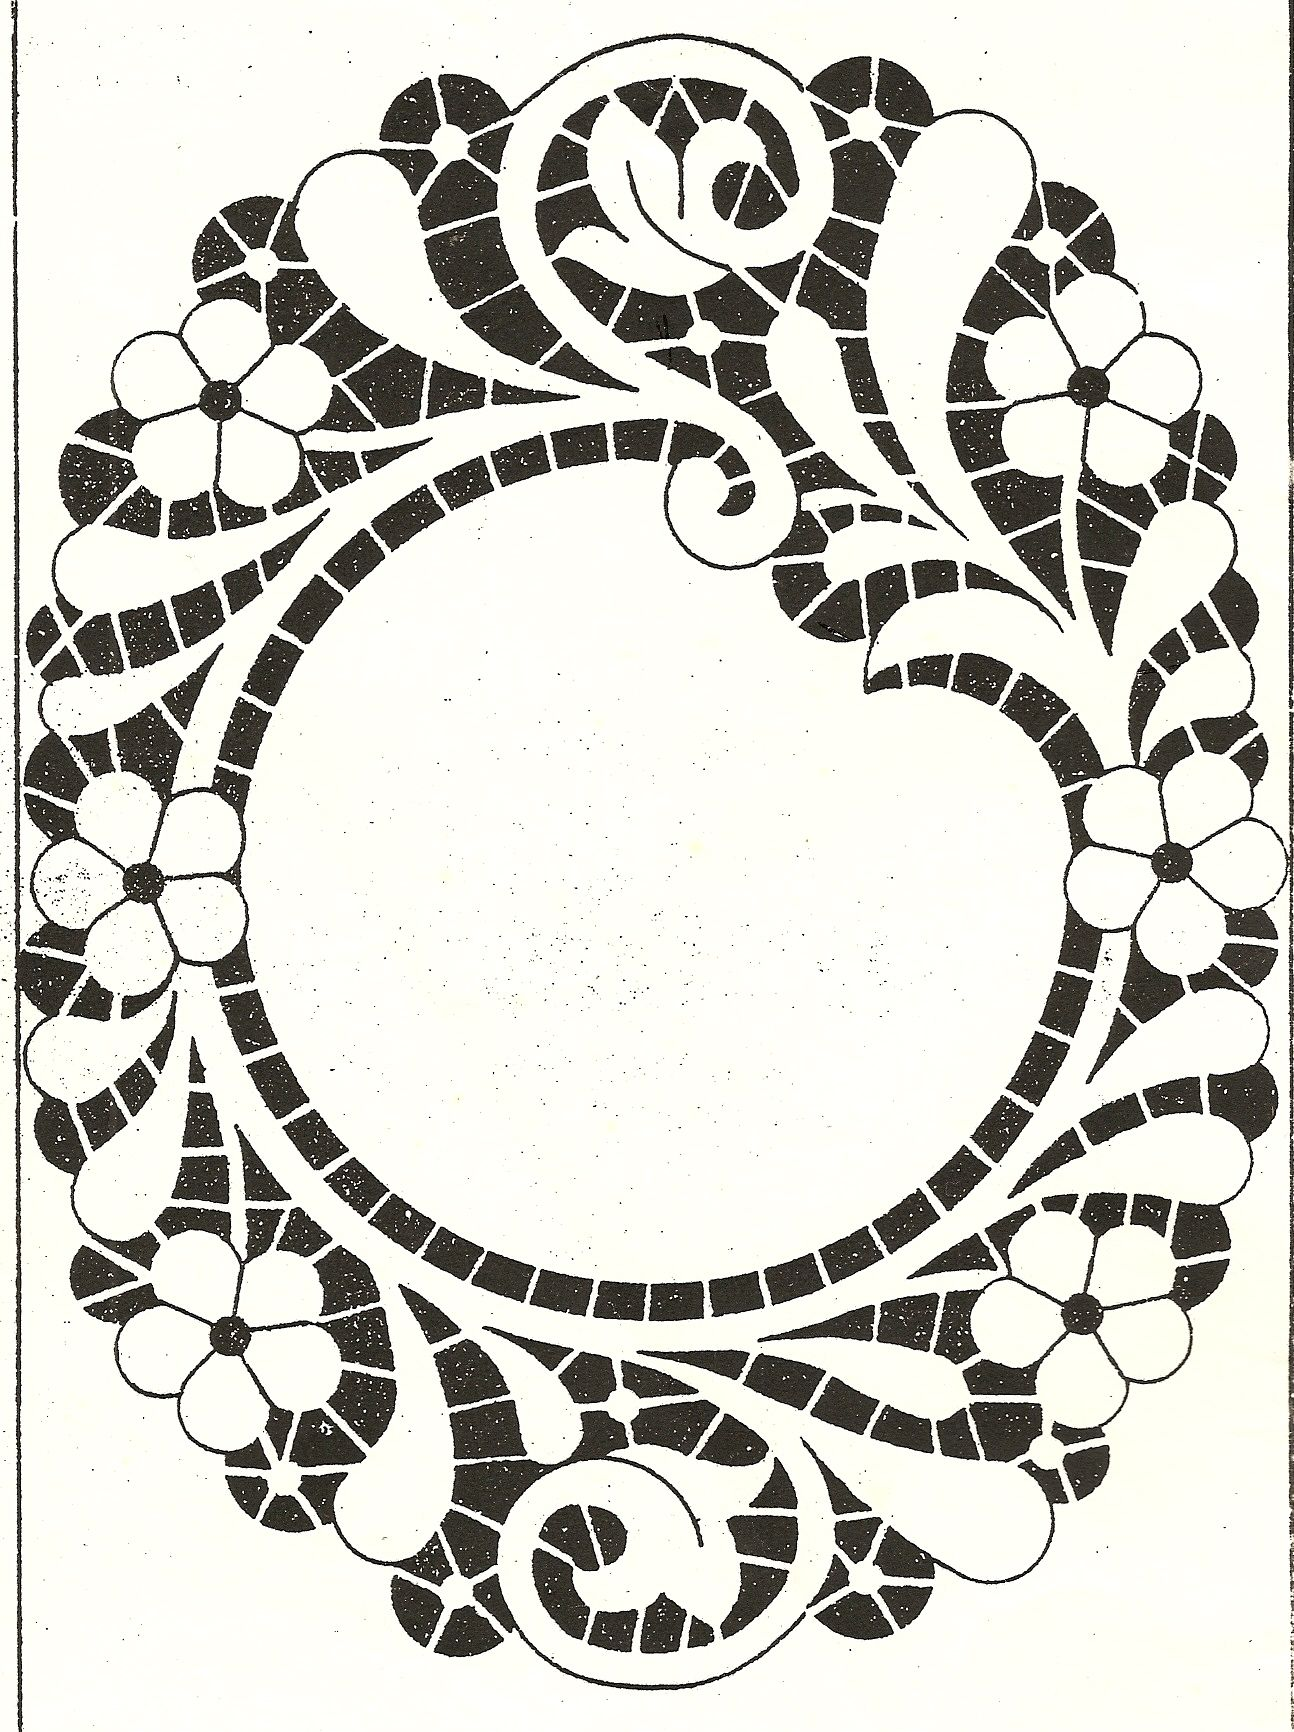 Gli Album Del Ricamo A Intaglio.Schema Per Ricamo Ad Intaglio 4 Richelieu Cutwork Embroidery